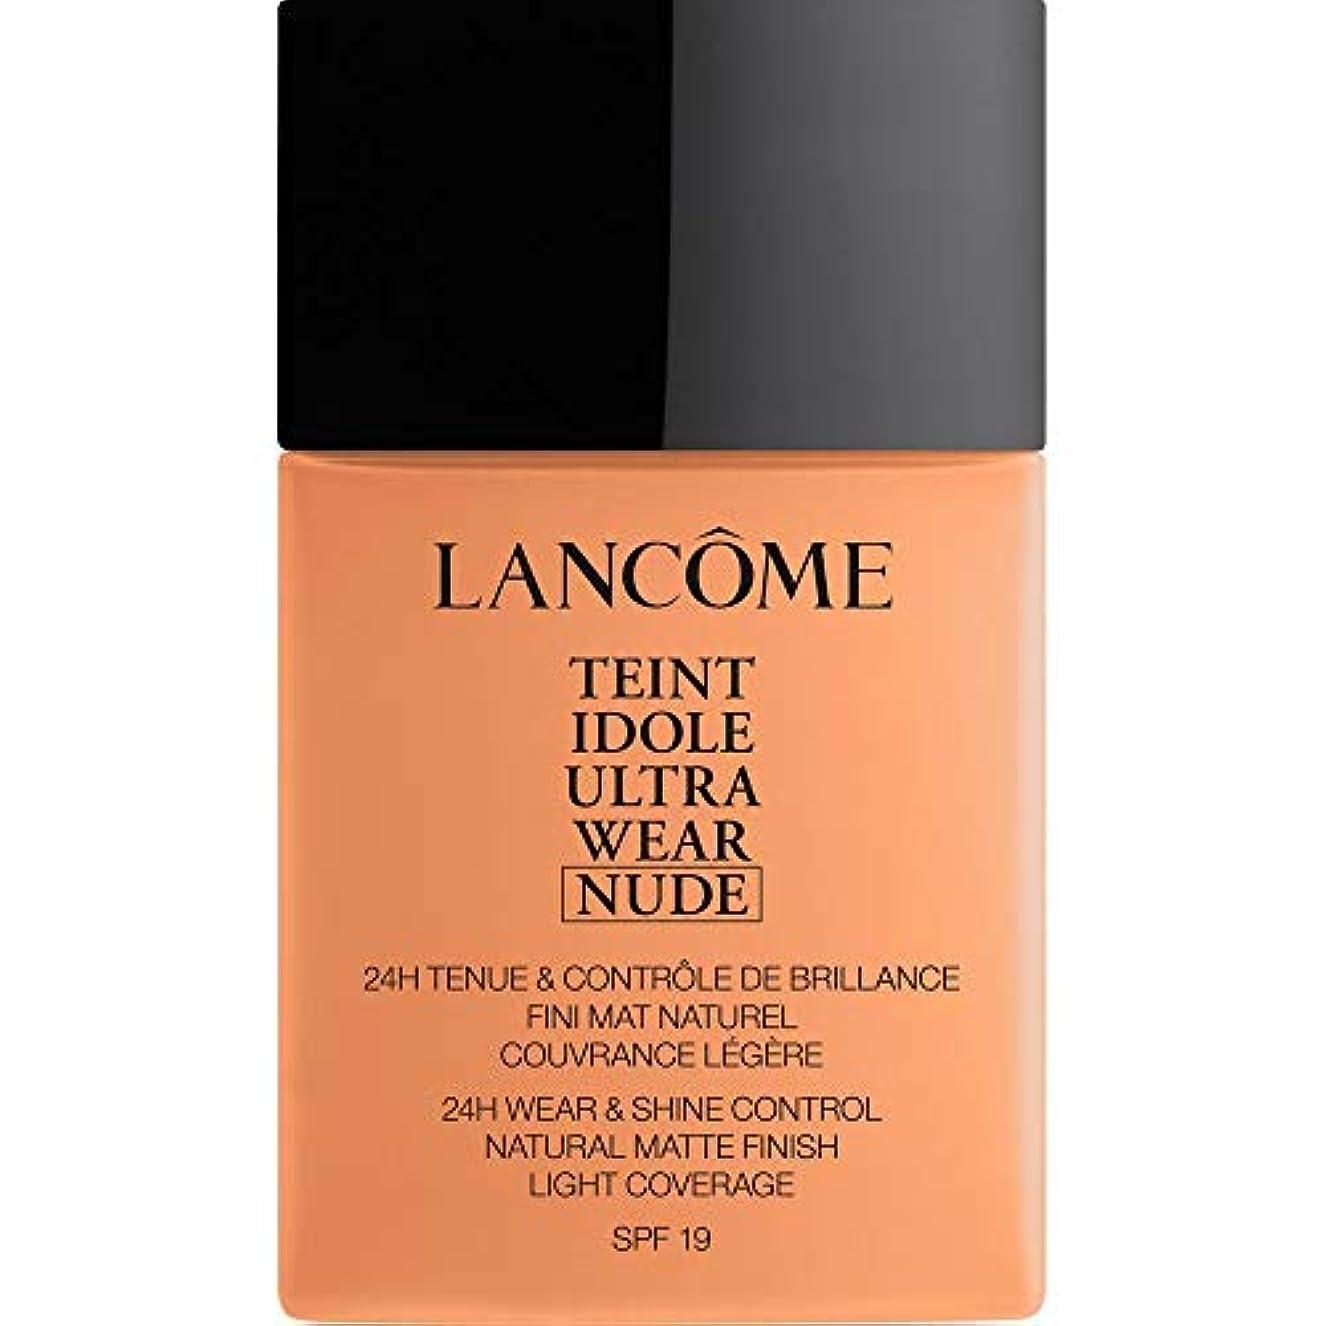 やりがいのある最大上昇[Lanc?me ] ランコムTeintのIdole超摩耗ヌード財団Spf19の40ミリリットル08 - キャラメル - Lancome Teint Idole Ultra Wear Nude Foundation SPF19...